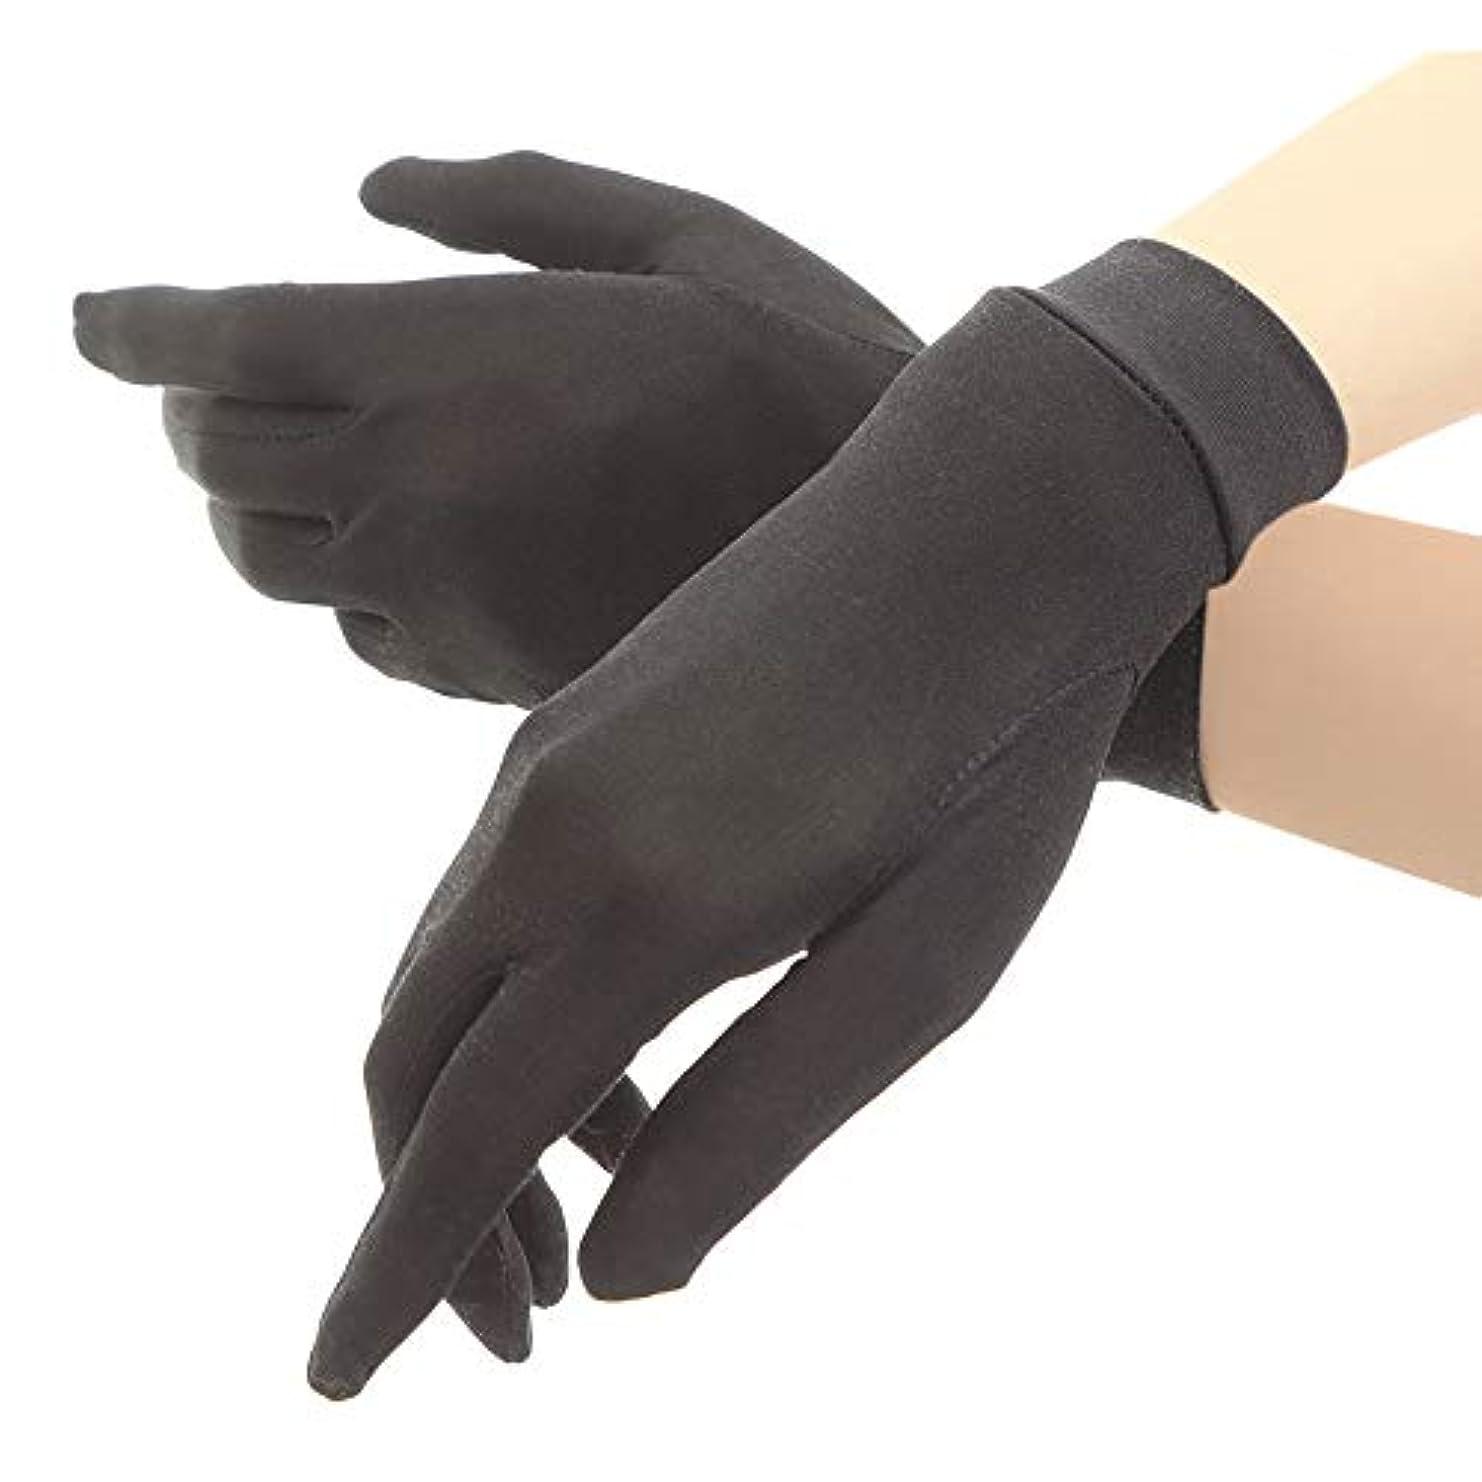 腐敗異議フェデレーションシルク手袋 レディース 手袋 シルク 絹 ハンド ケア 保湿 紫外線 肌荒れ 乾燥 サイズアップで手指にマッチ 【macch】